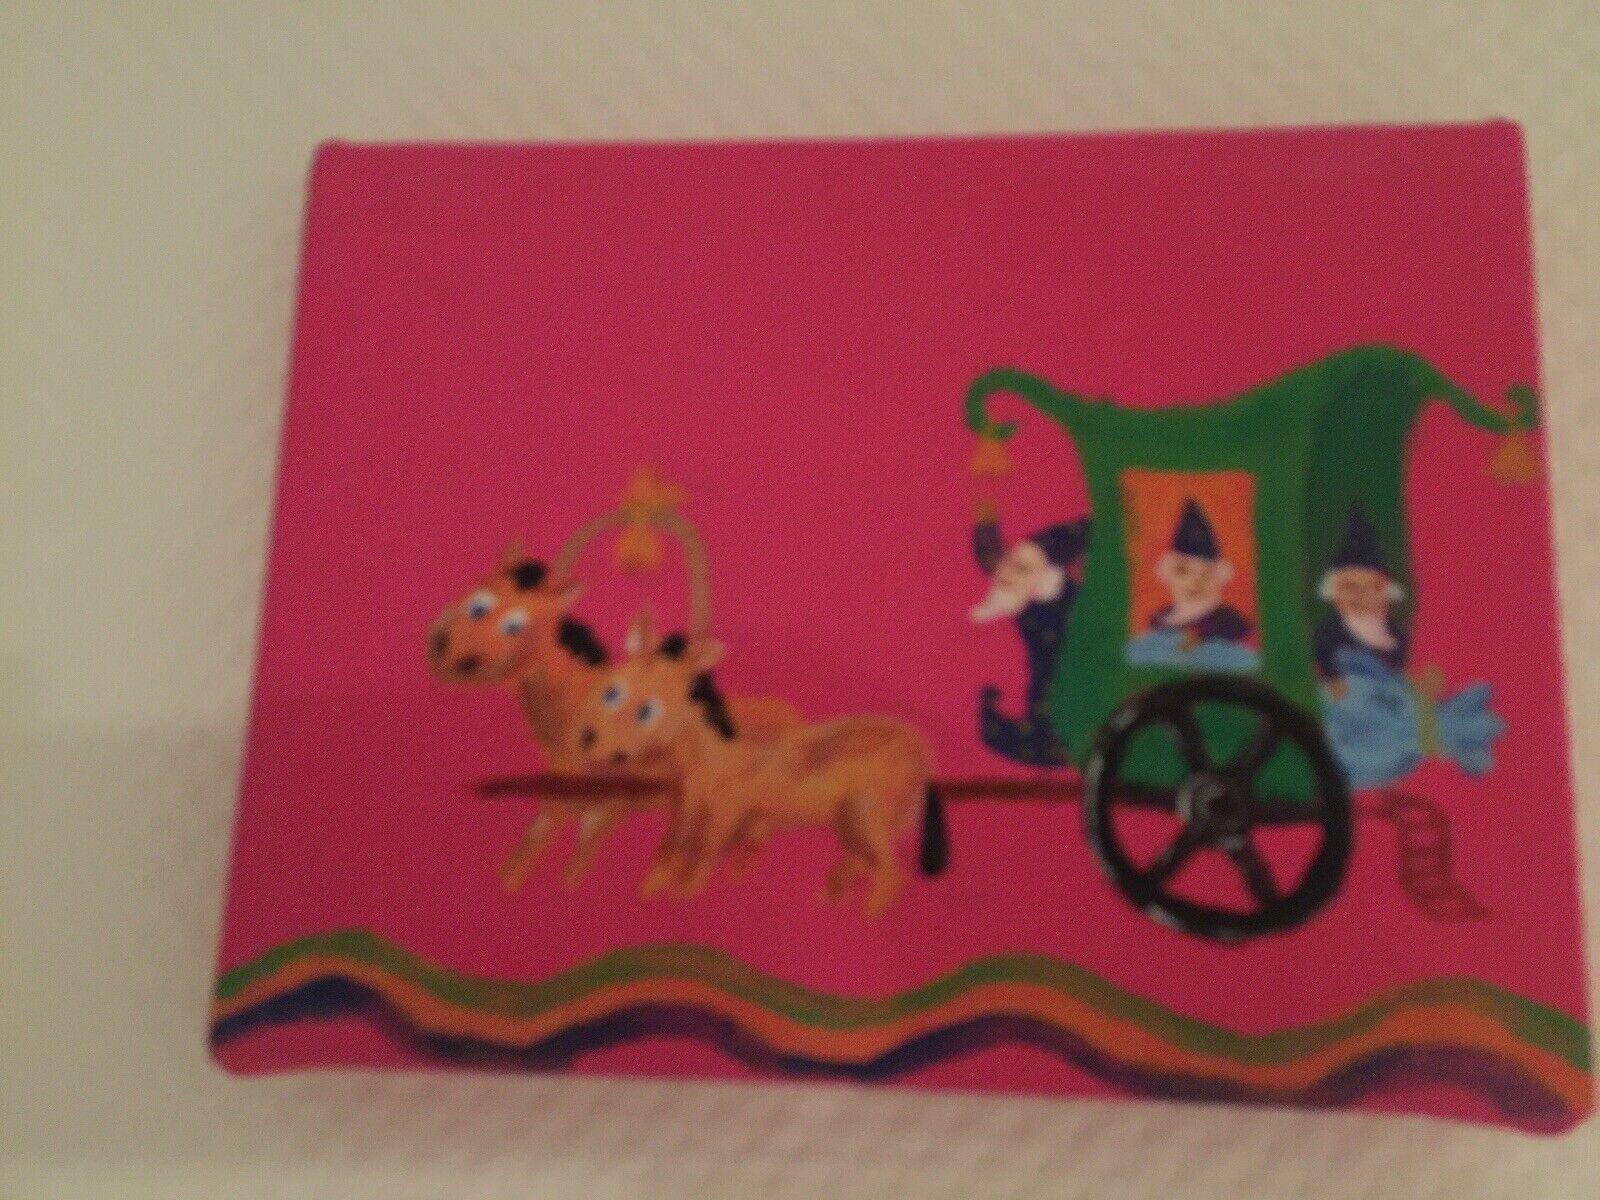 Bild, Kutsche 24x18cm, Öl auf Leinwand, handgemalt, Kinderbild